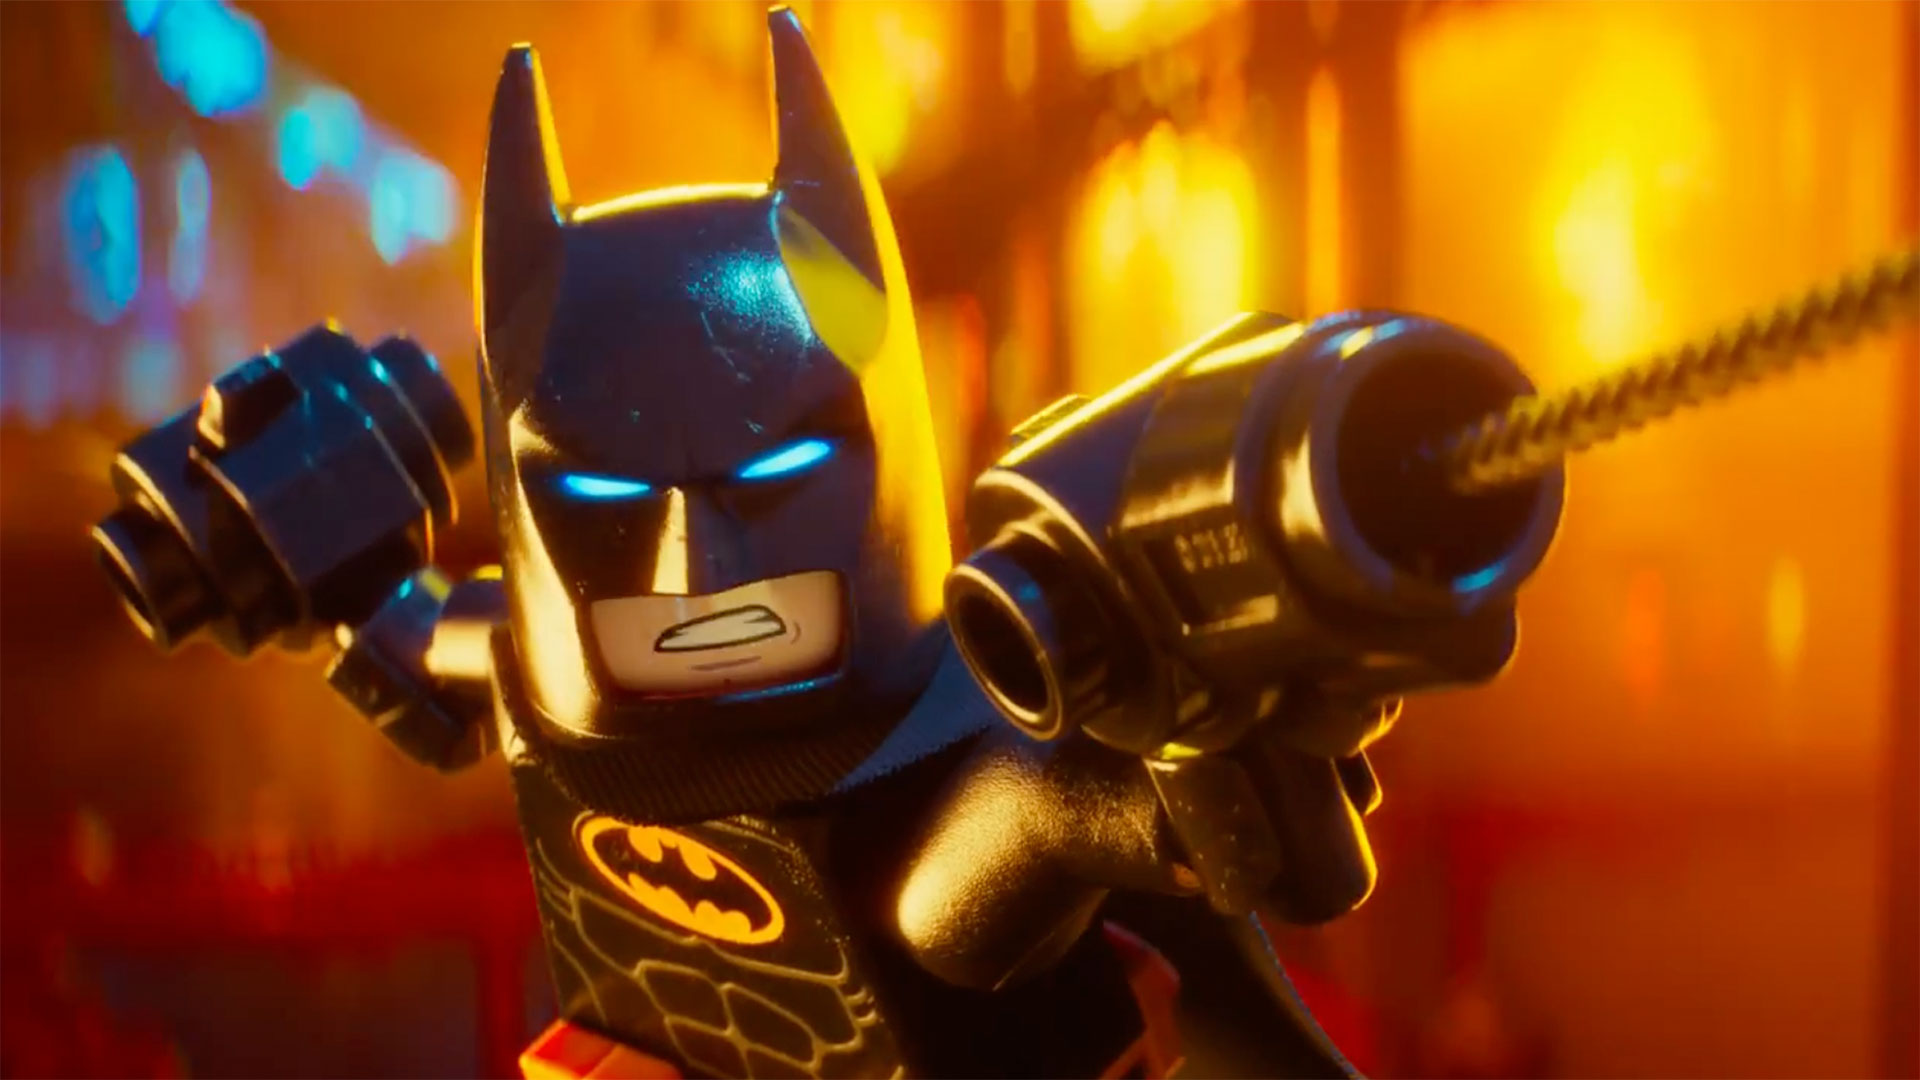 Batman La Lego Pel Cula Cr Tica Del Spin Off De Bloques